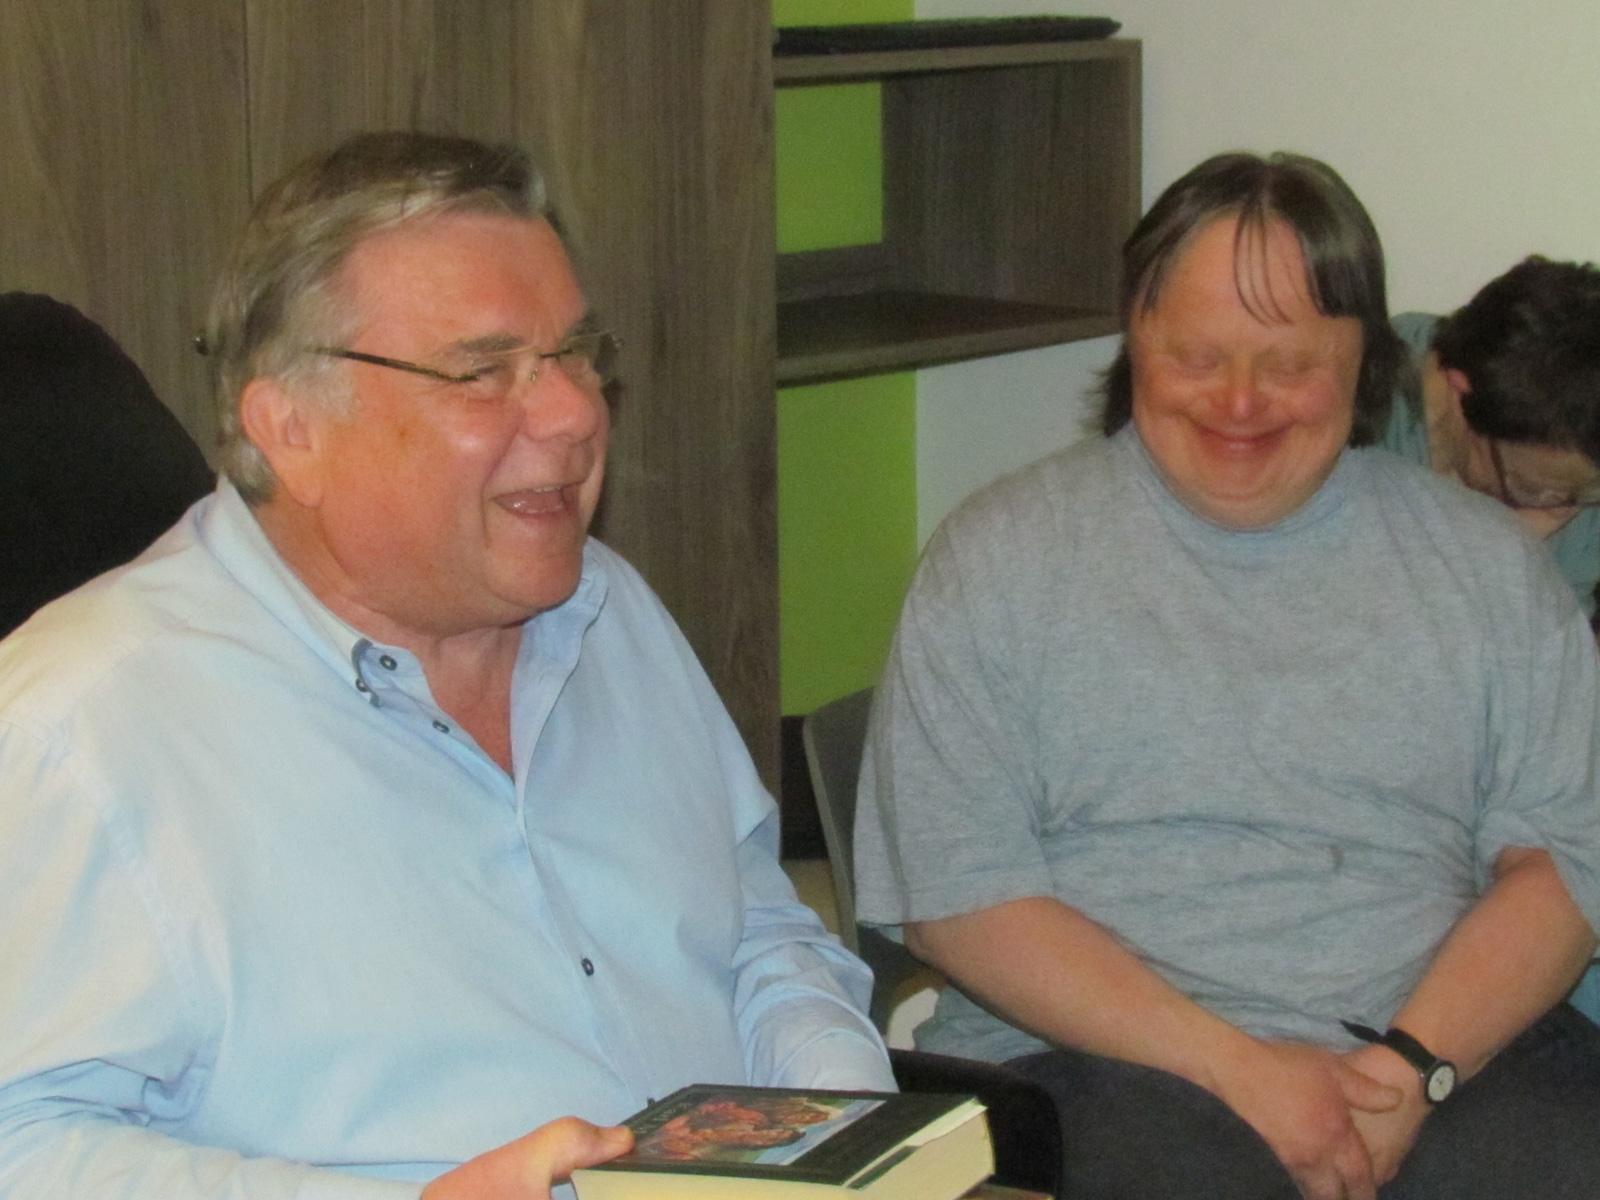 Nimmt sich gern Zeit für die Bewohner der Wohnstätte: Gerhard John kommt regelmäßig zum Vorlesen in die Lebenshilfe-Einrichtung.